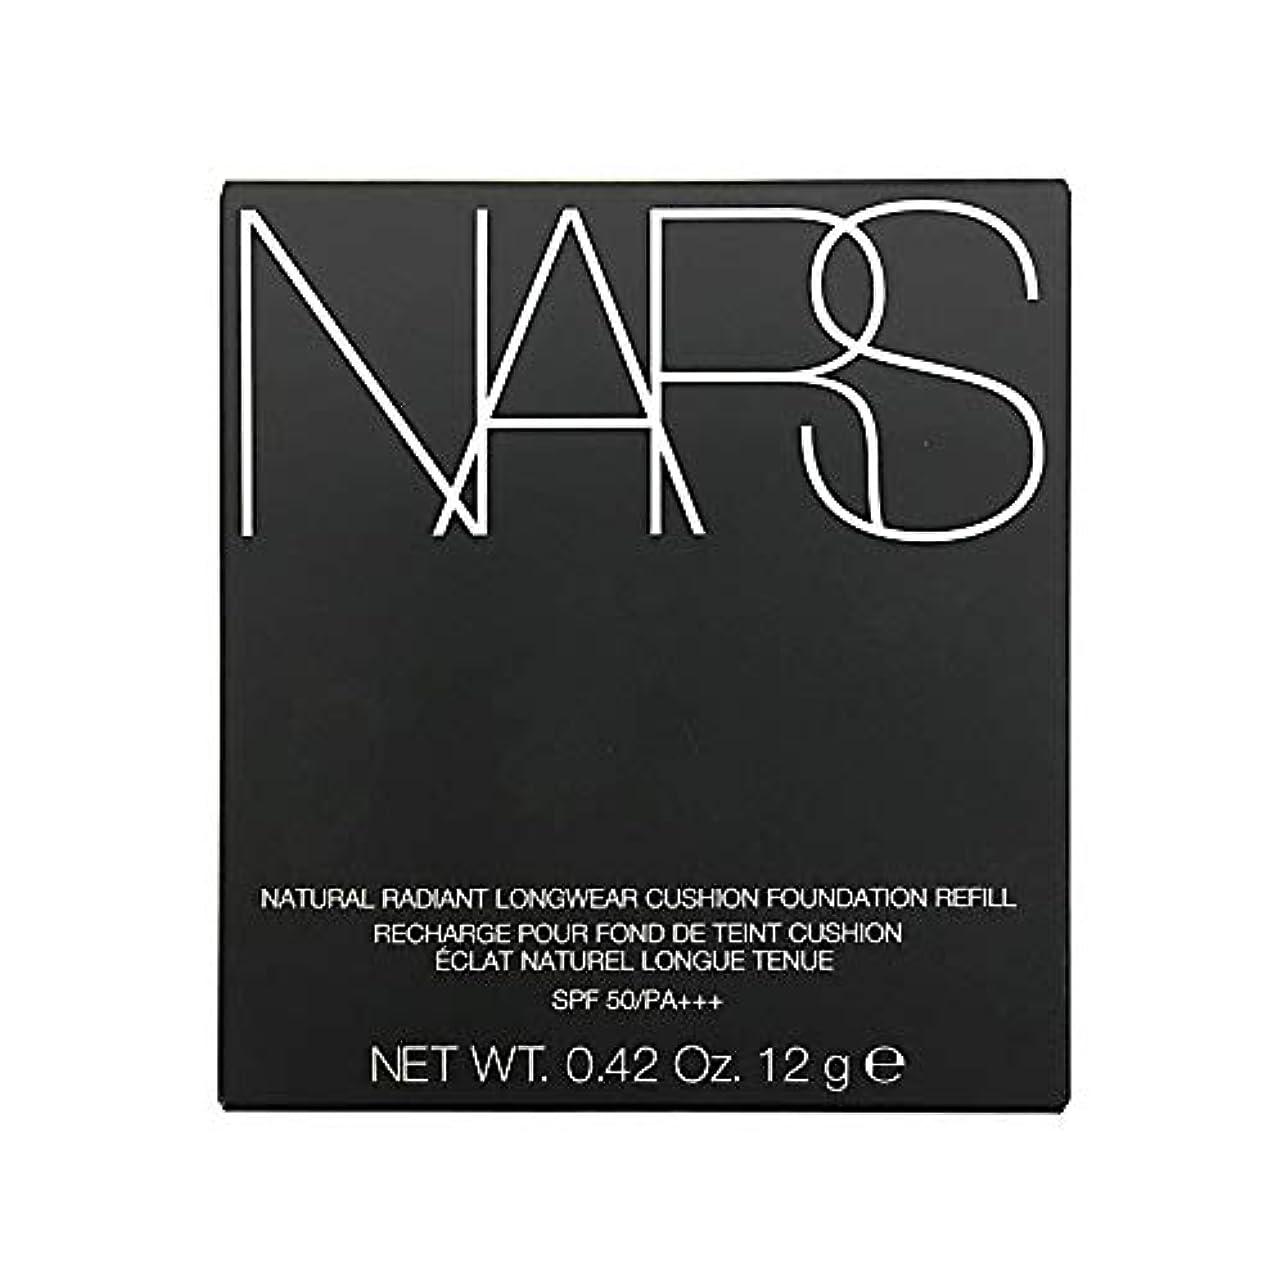 爆発過度にオアシスナーズ/NARS ナチュラルラディアント ロングウェア クッションファンデーション(レフィル)#5877 [ クッションファンデ ] [並行輸入品]